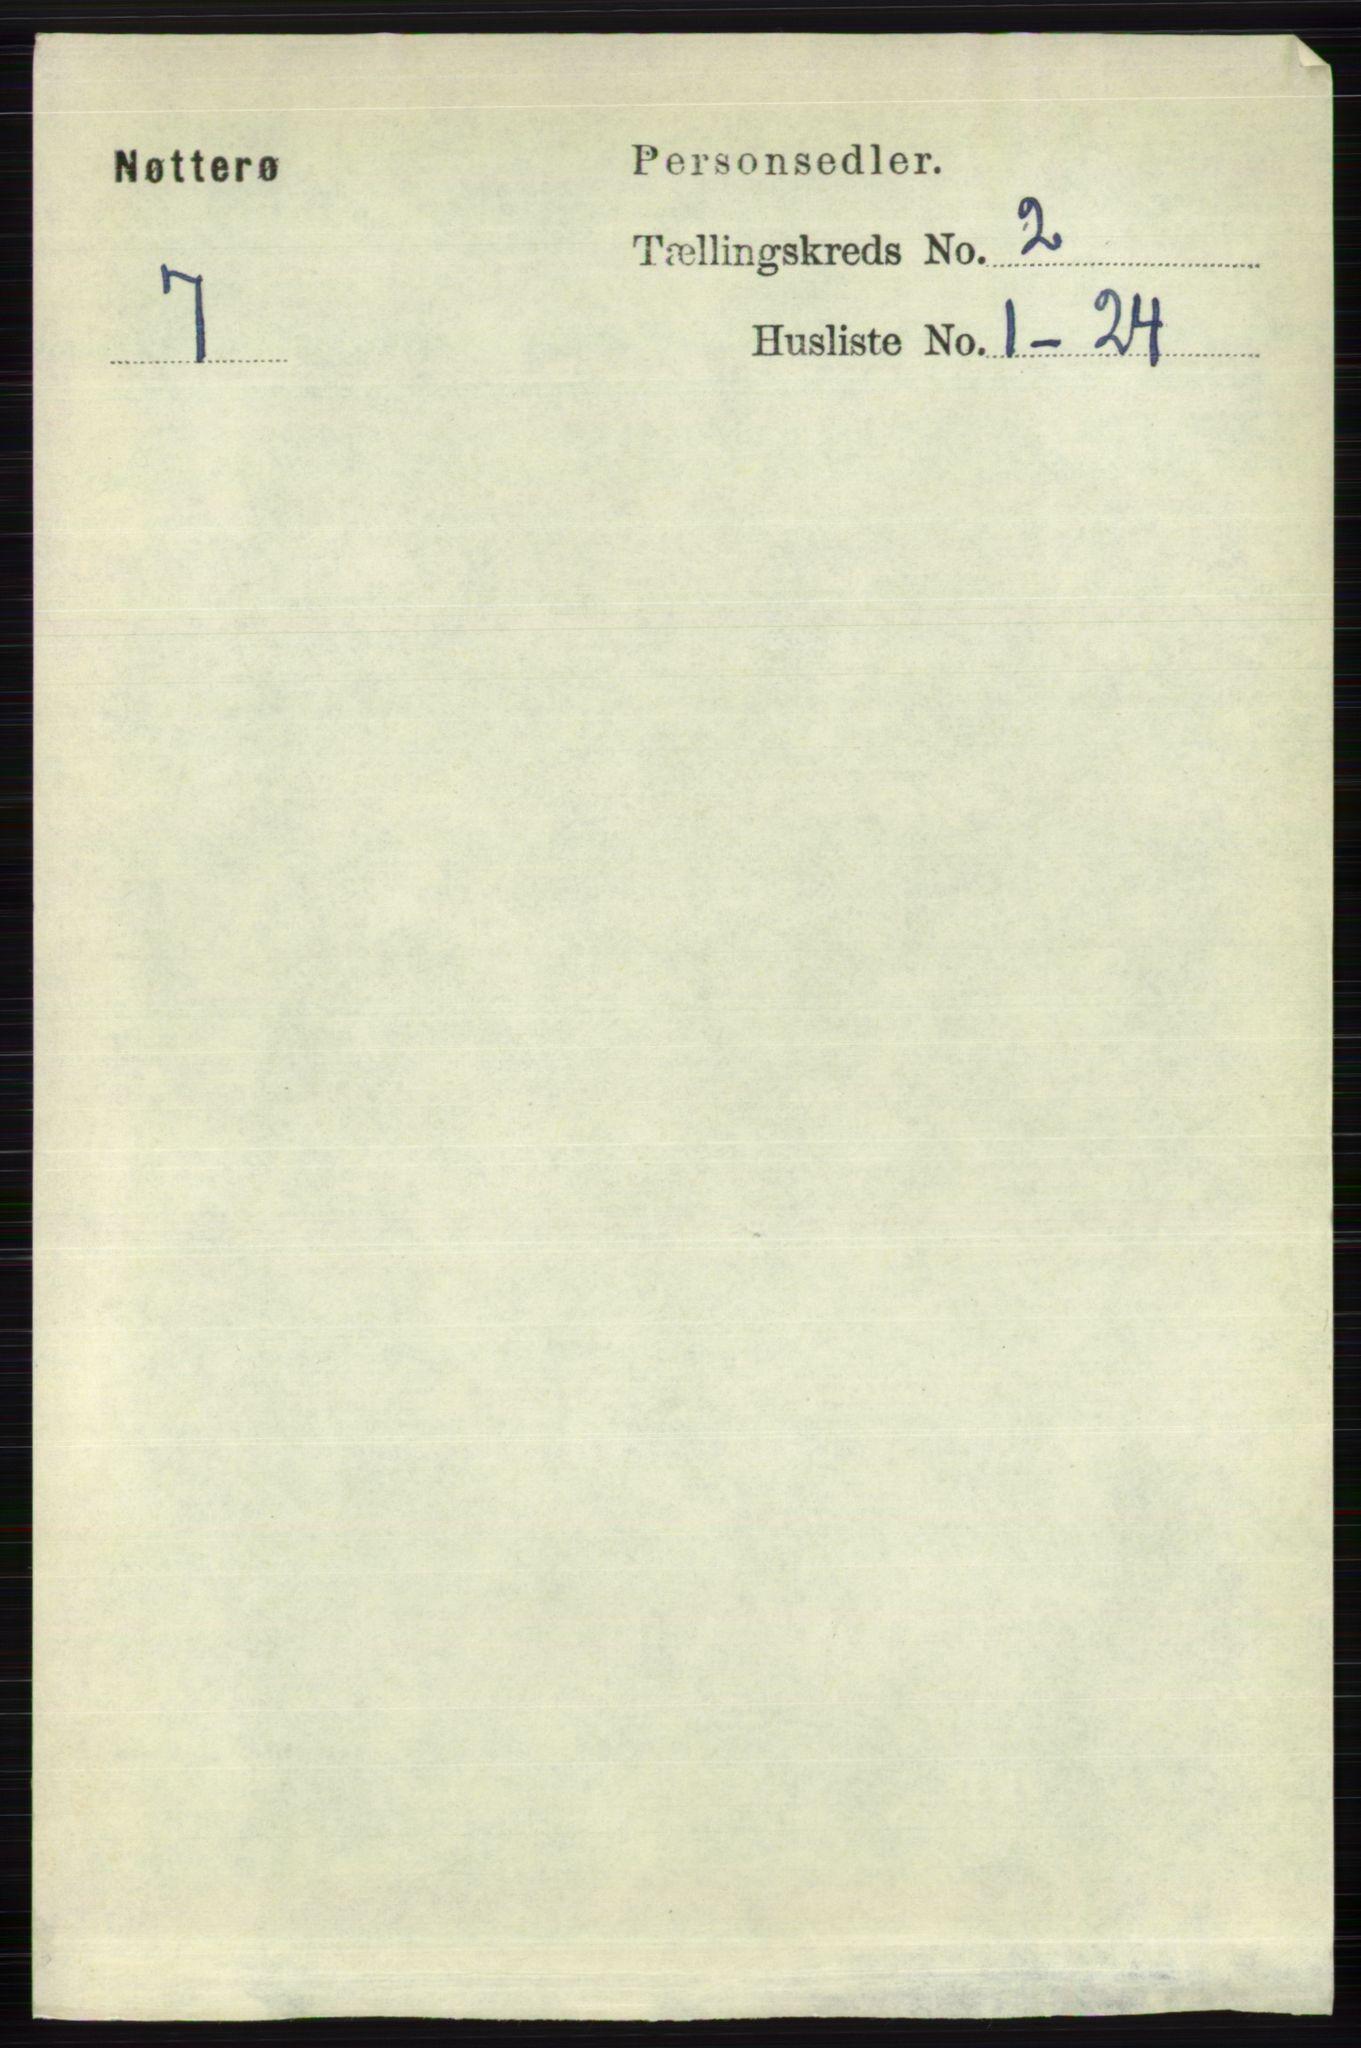 RA, Folketelling 1891 for 0722 Nøtterøy herred, 1891, s. 841